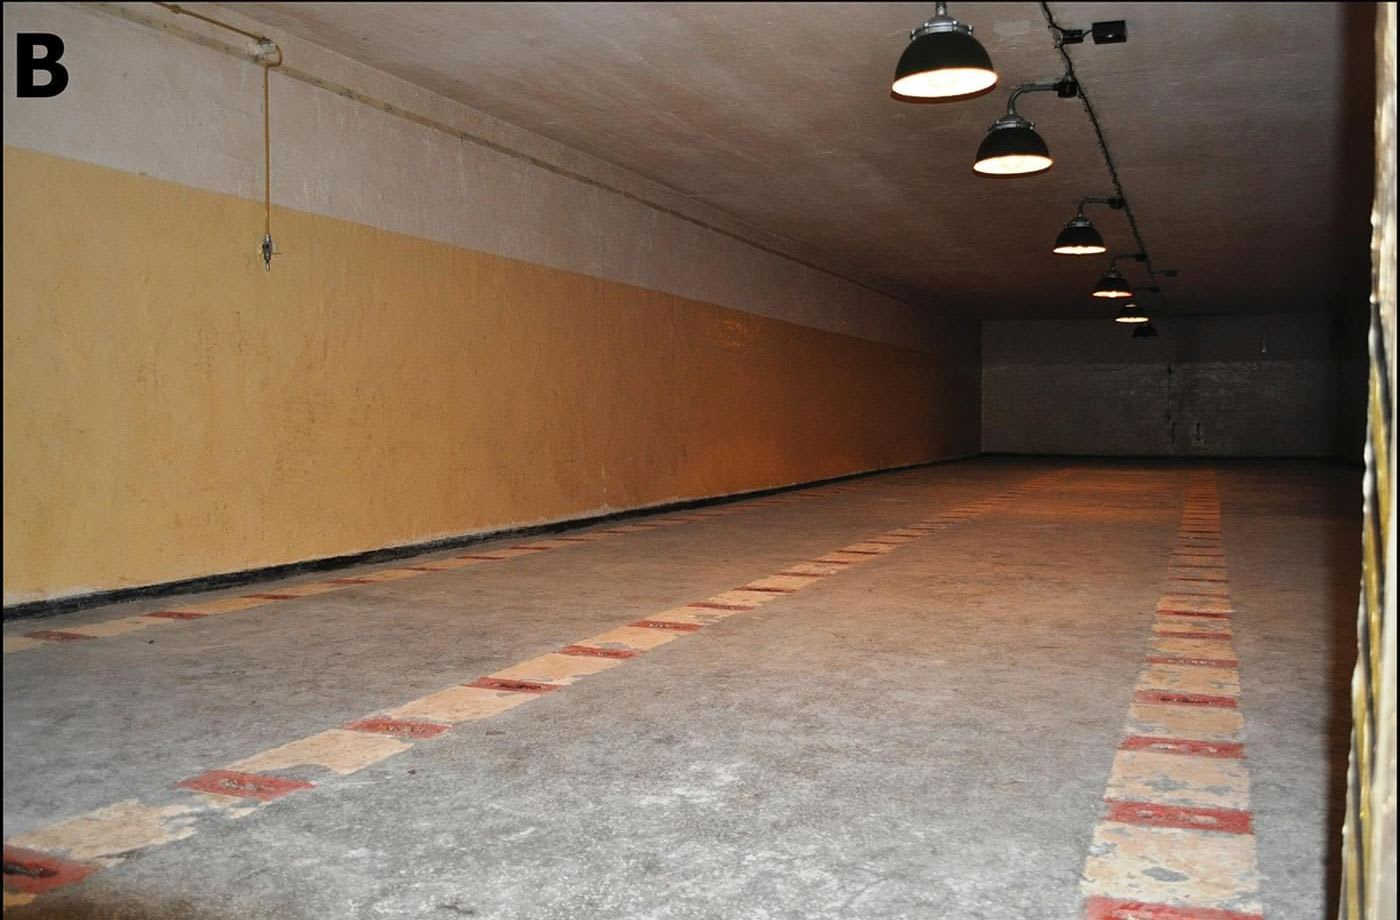 slapti-branduoliniai-bunkeriai-lenkijoje-5c48a84ce90ea